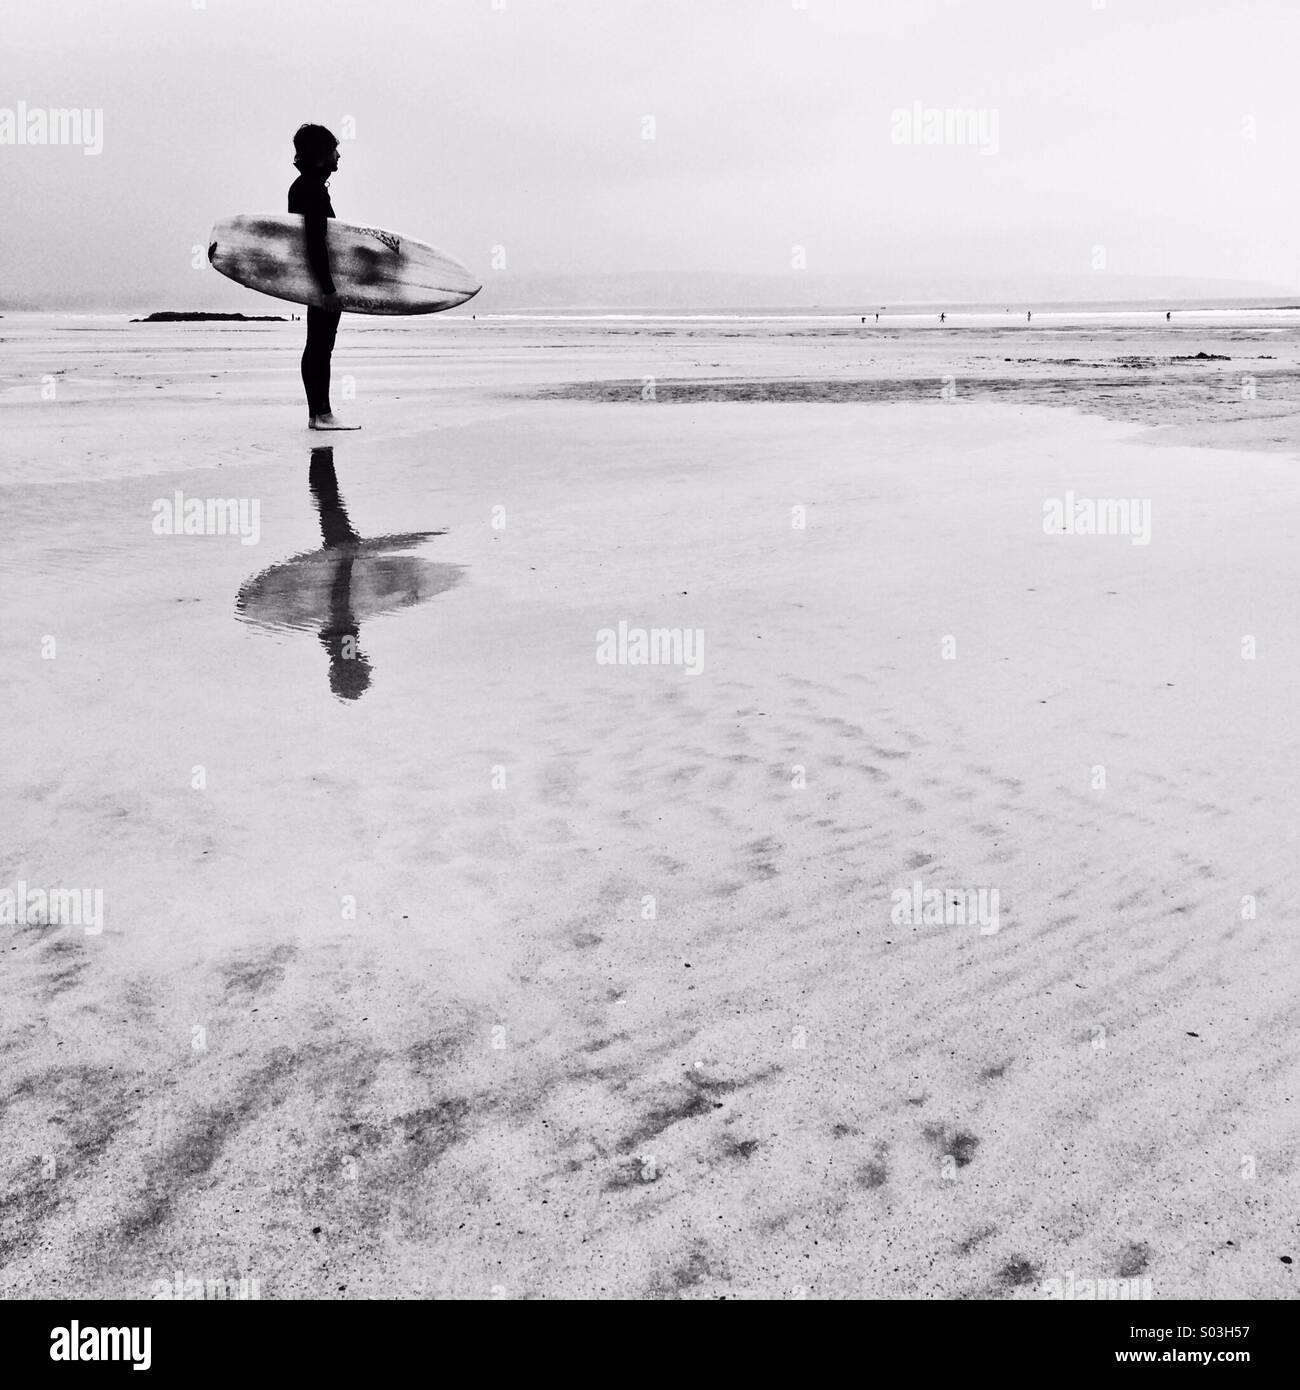 Surfer, die Überprüfung der Wellen im Winter an der ersten Ampel. Stockfoto